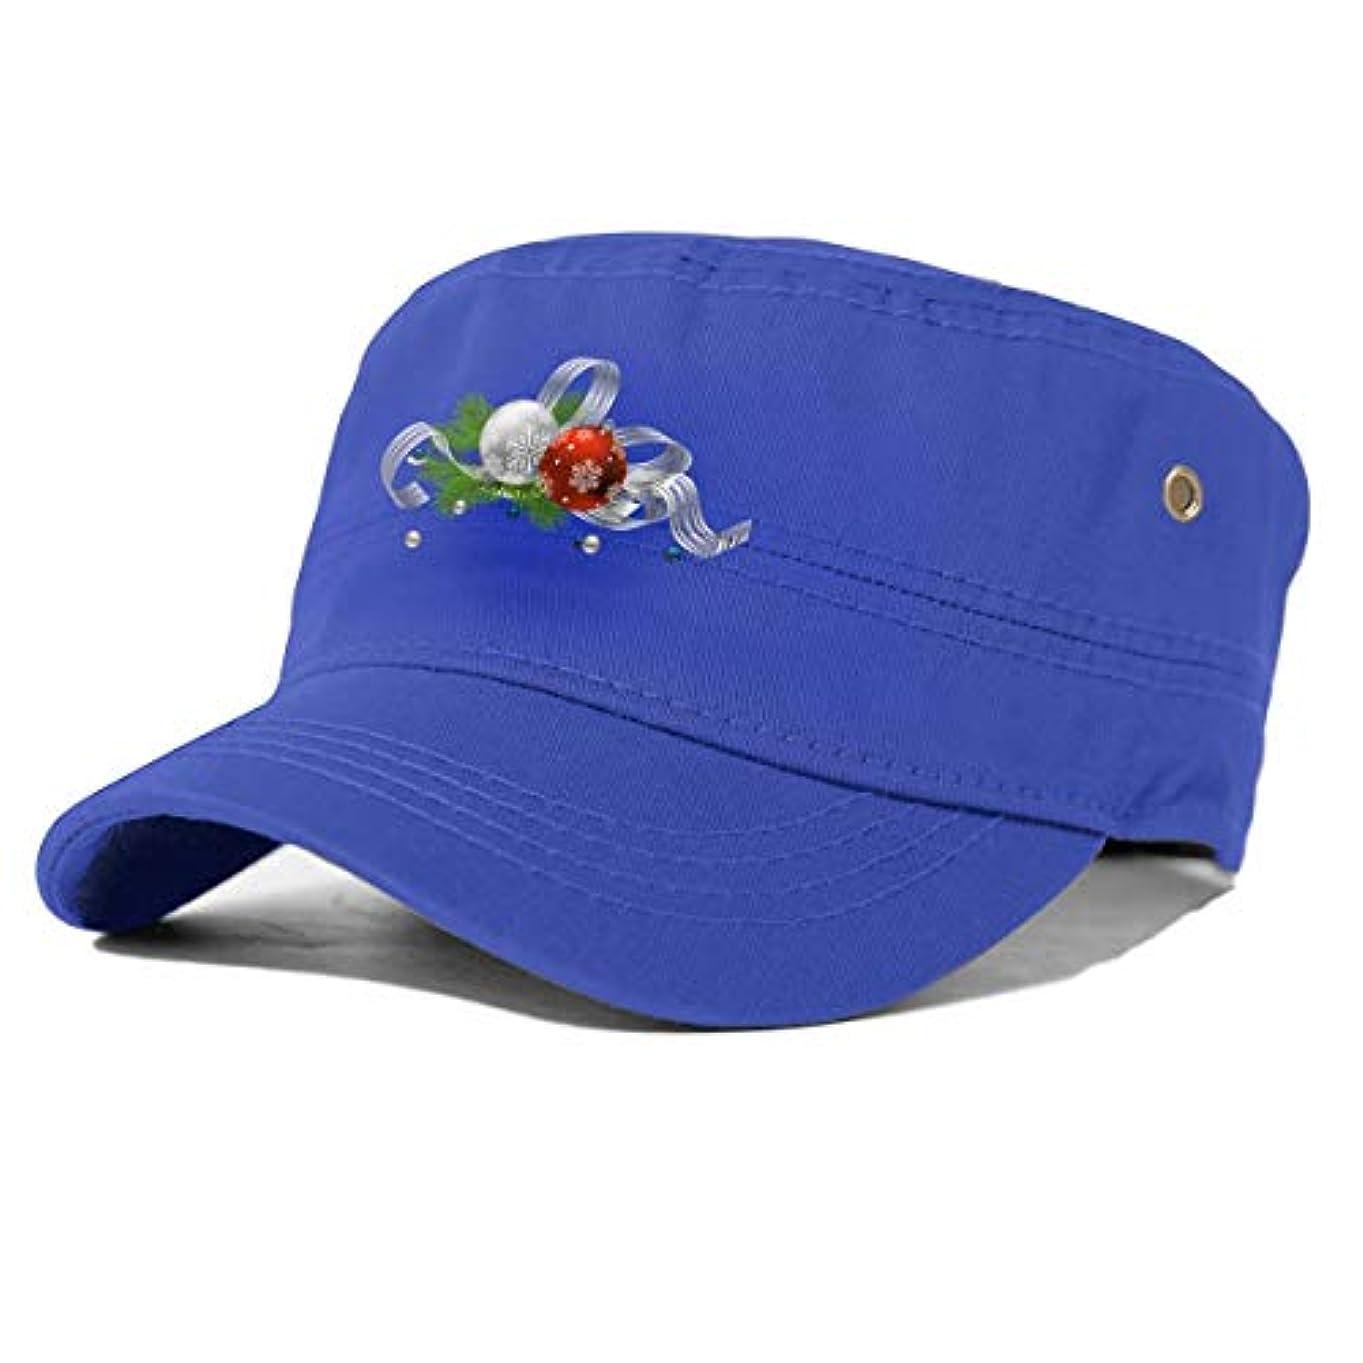 ミシン目名誉取り囲む大人のフラットキャップ帽子曲げる綿男女通用 Essential Oil Christmas Tree Blue